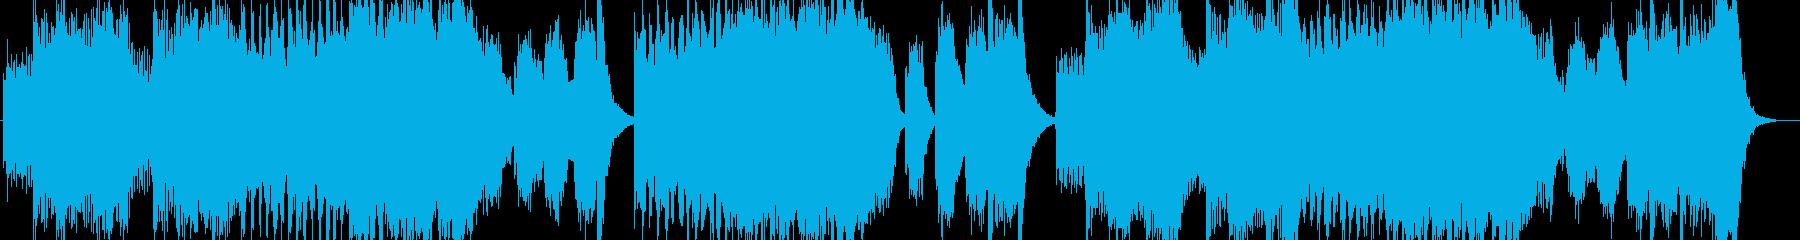 オーケストラ作品、ドラマチック。の再生済みの波形